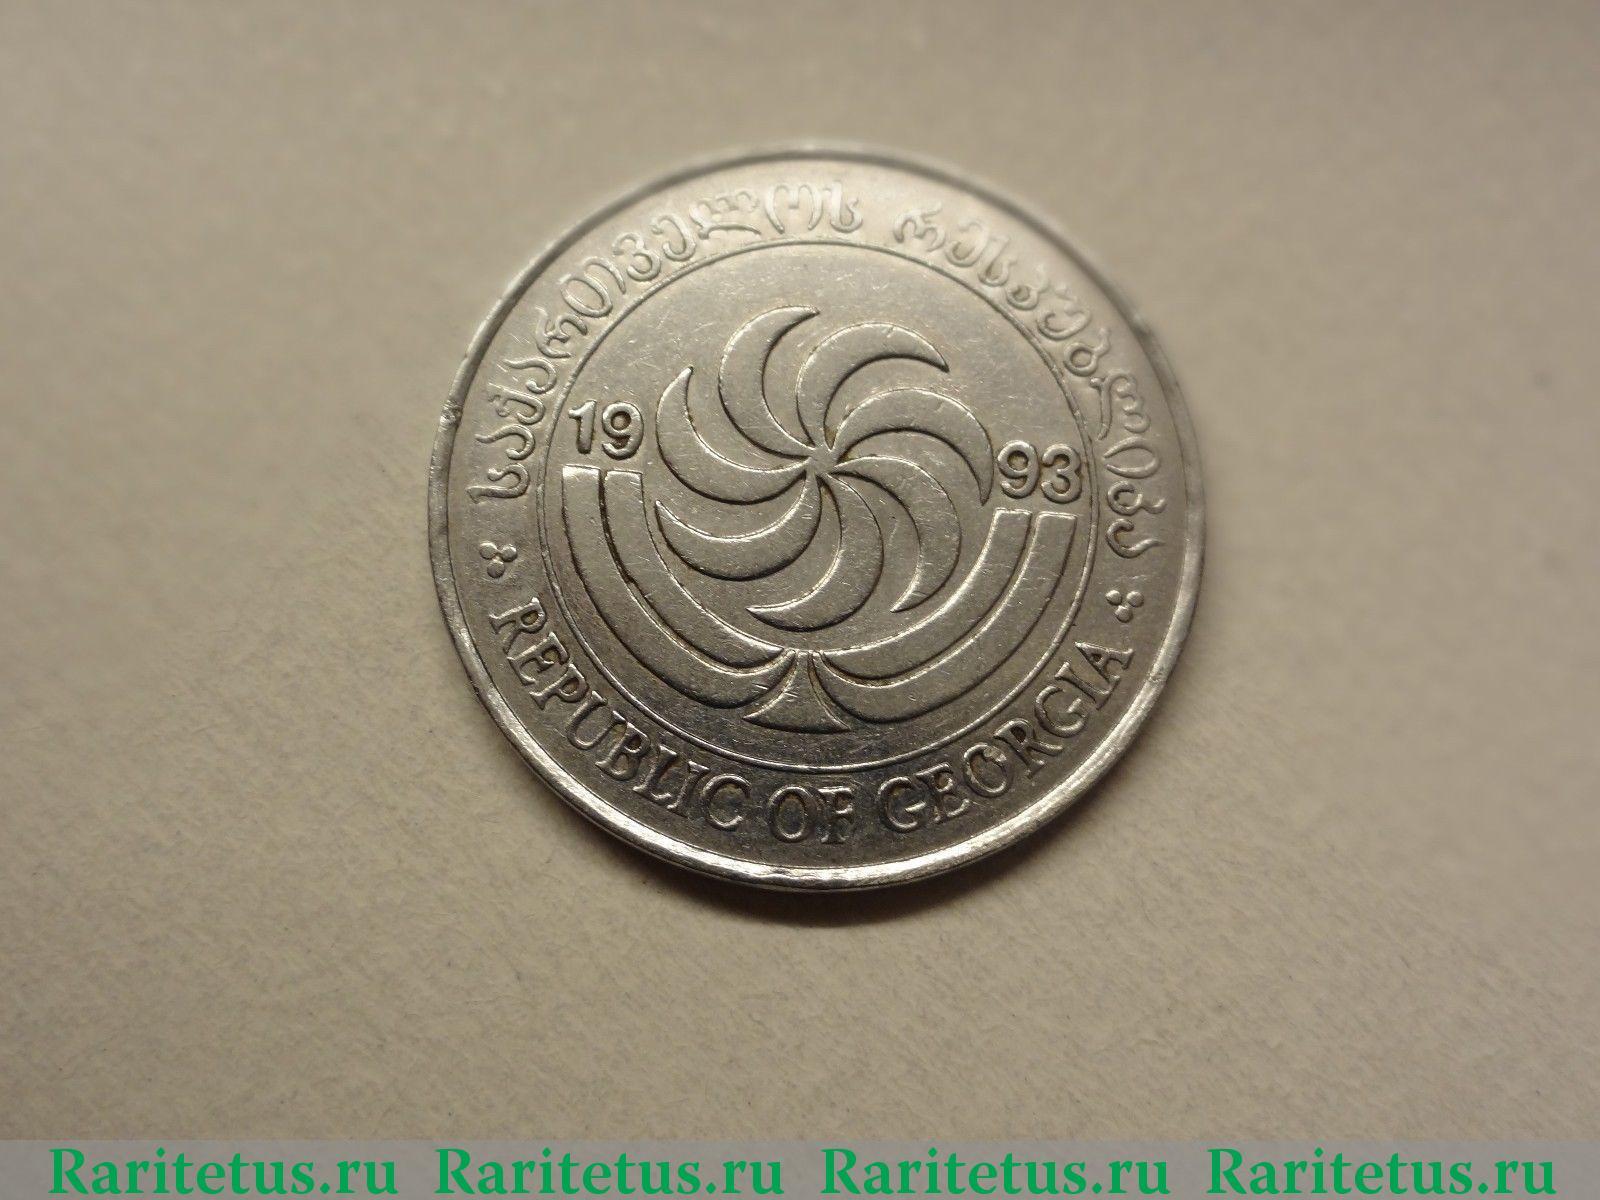 Geeorga монета 1998 года клуб нумизматов в новосибирске